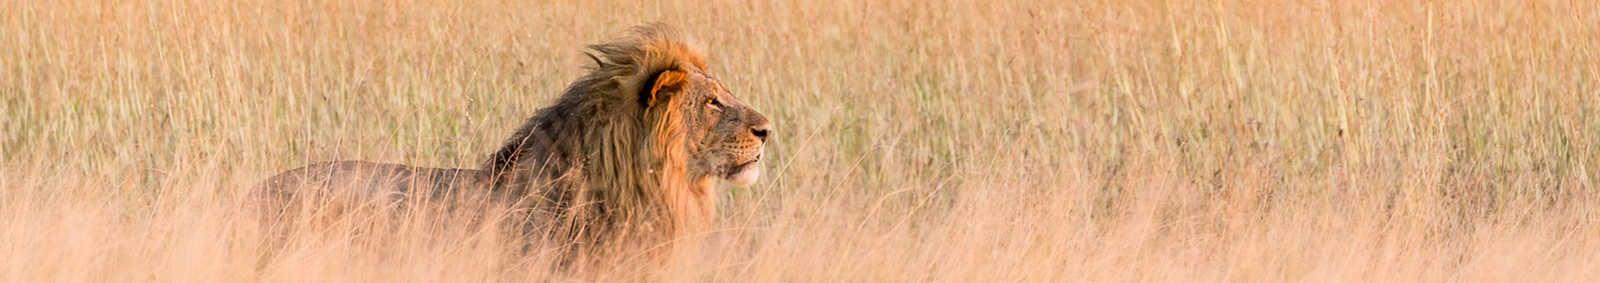 Lion in Savuti